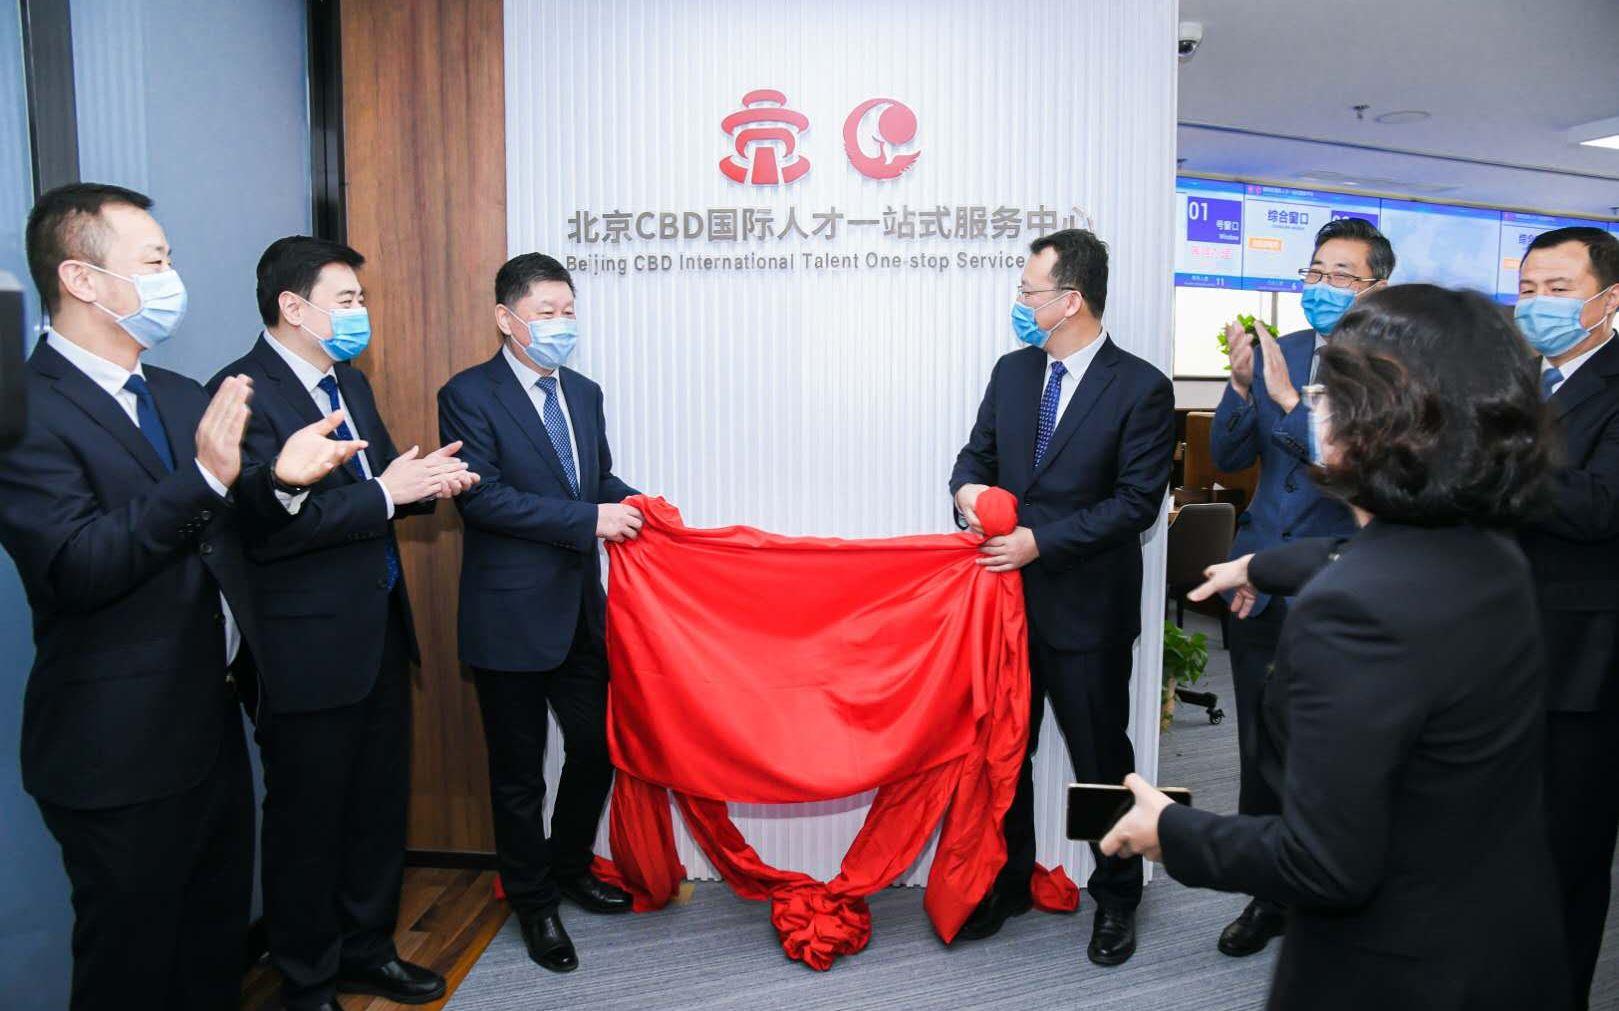 北京自贸区首个国际人才一站式服务中心揭牌图片